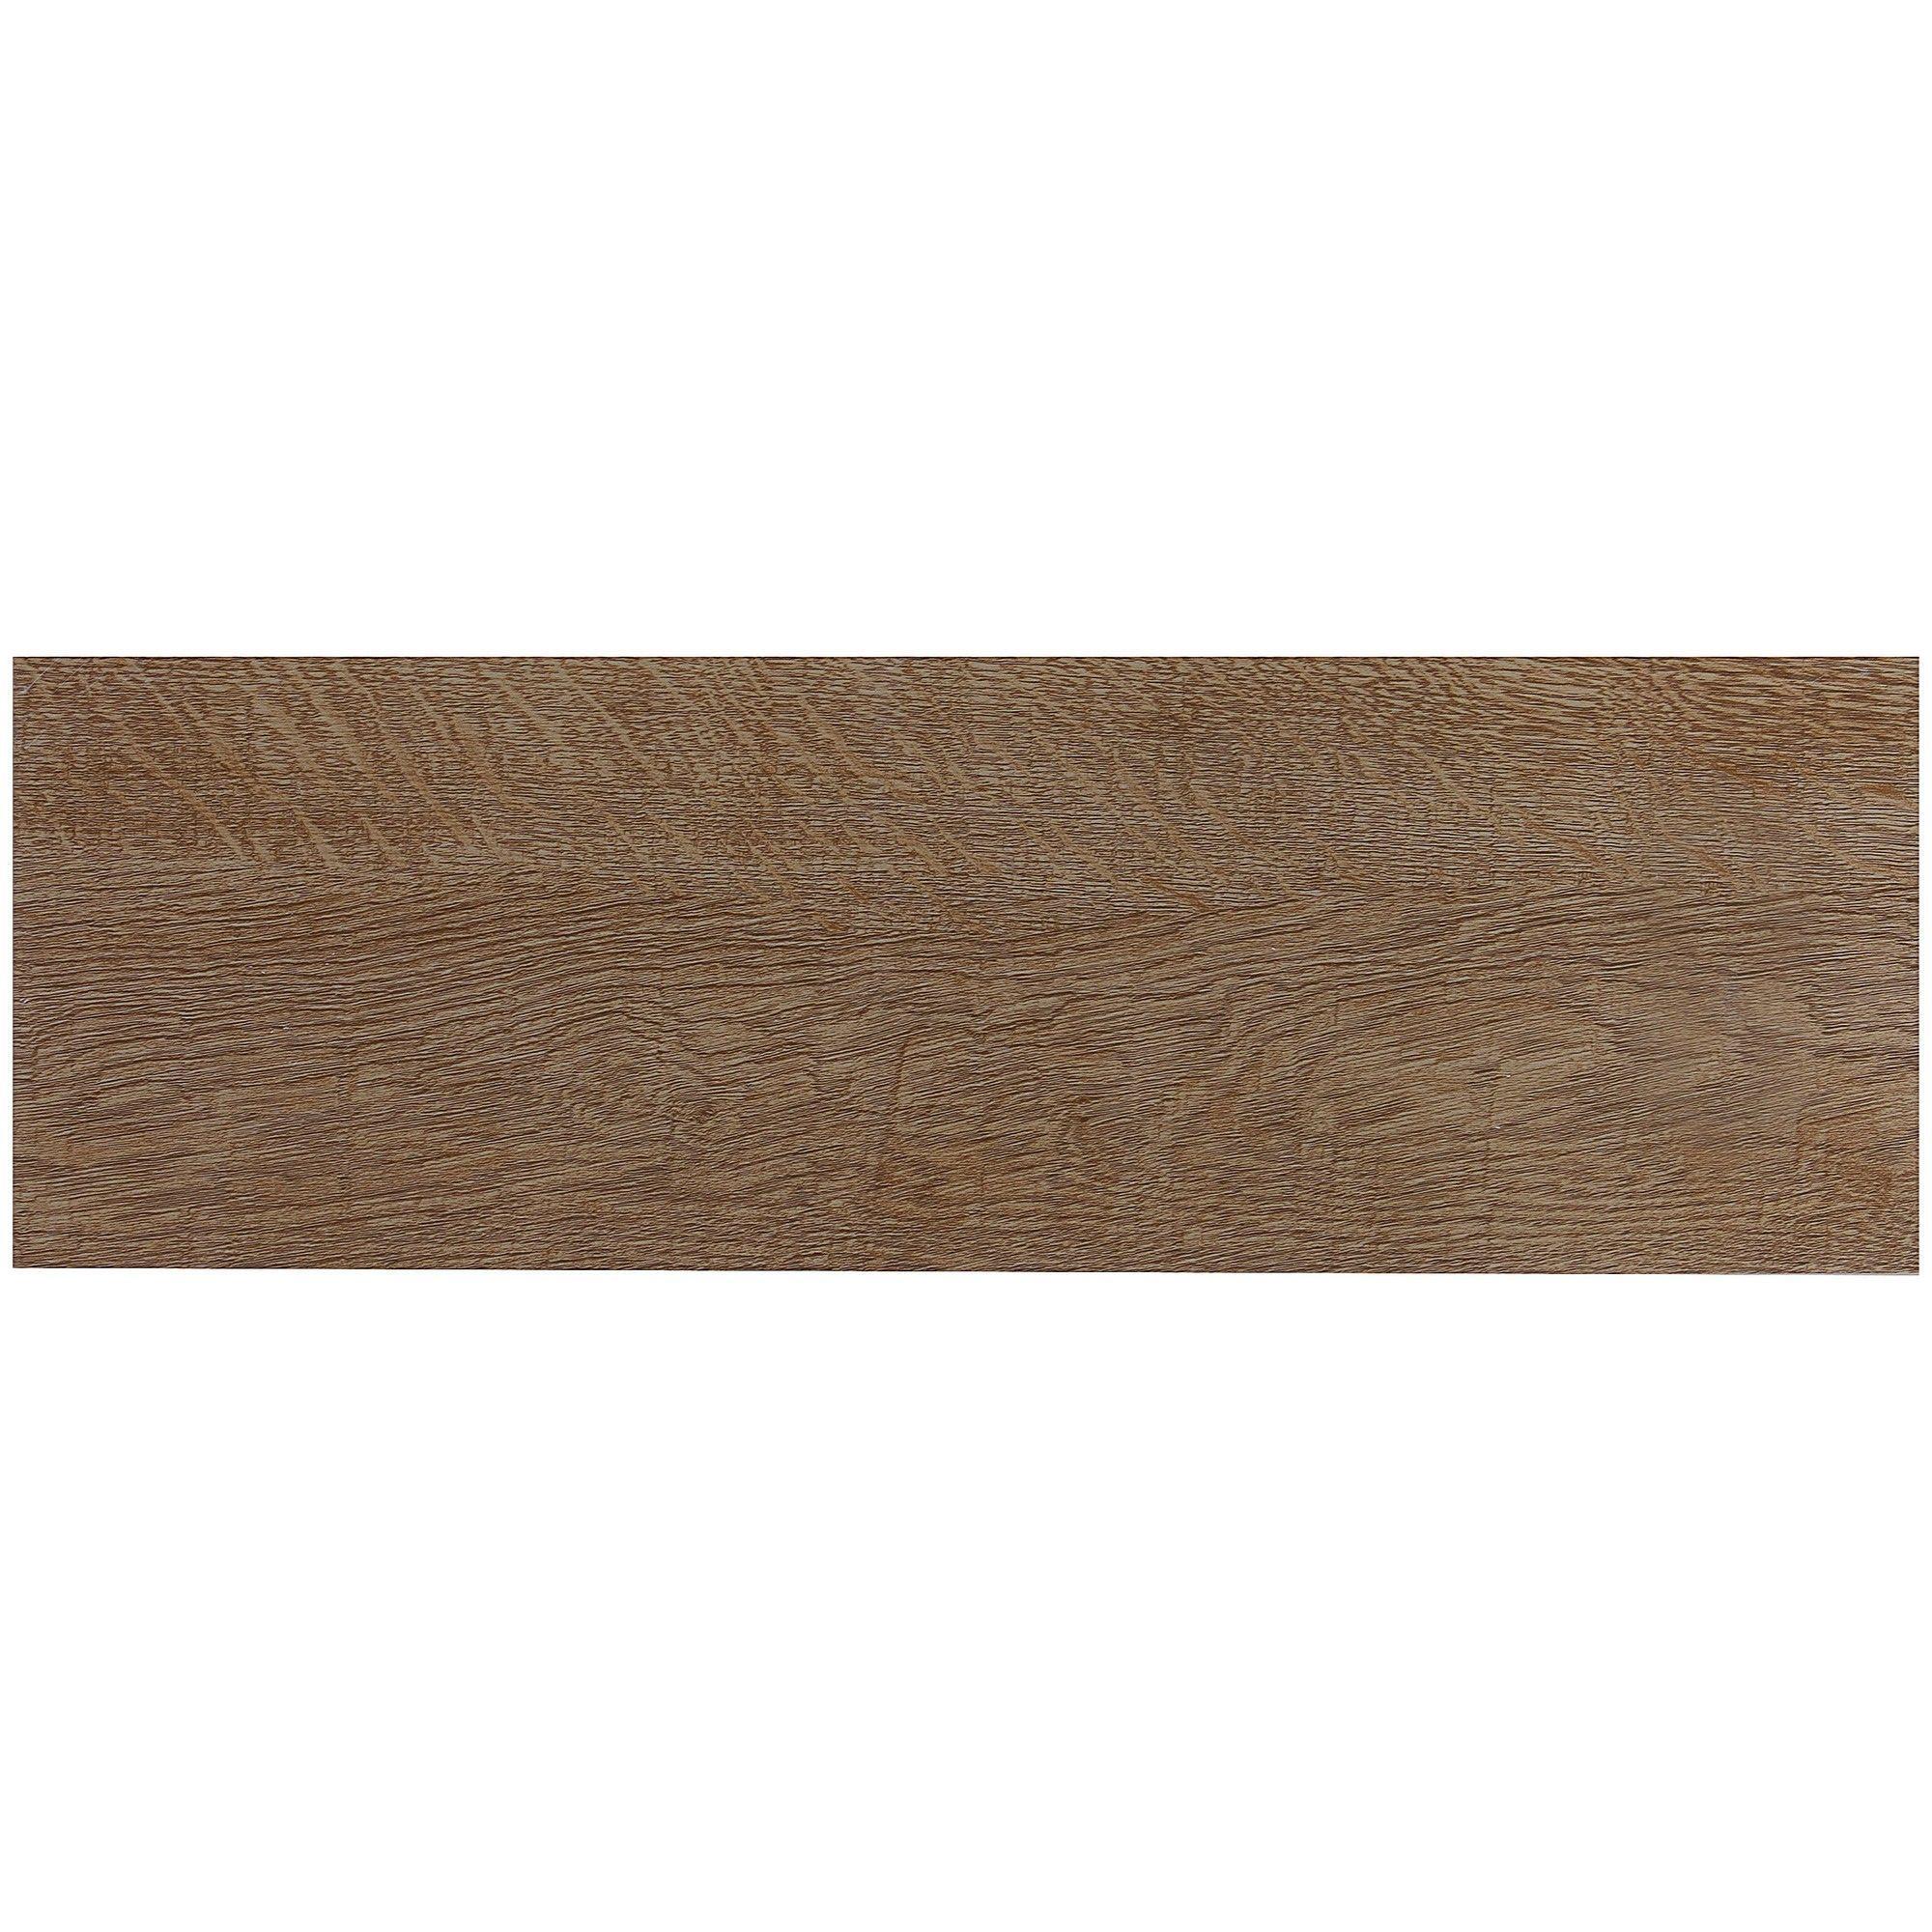 Керамогранит «Forest» 20х60 см 1.08 м2 цвет коричневый